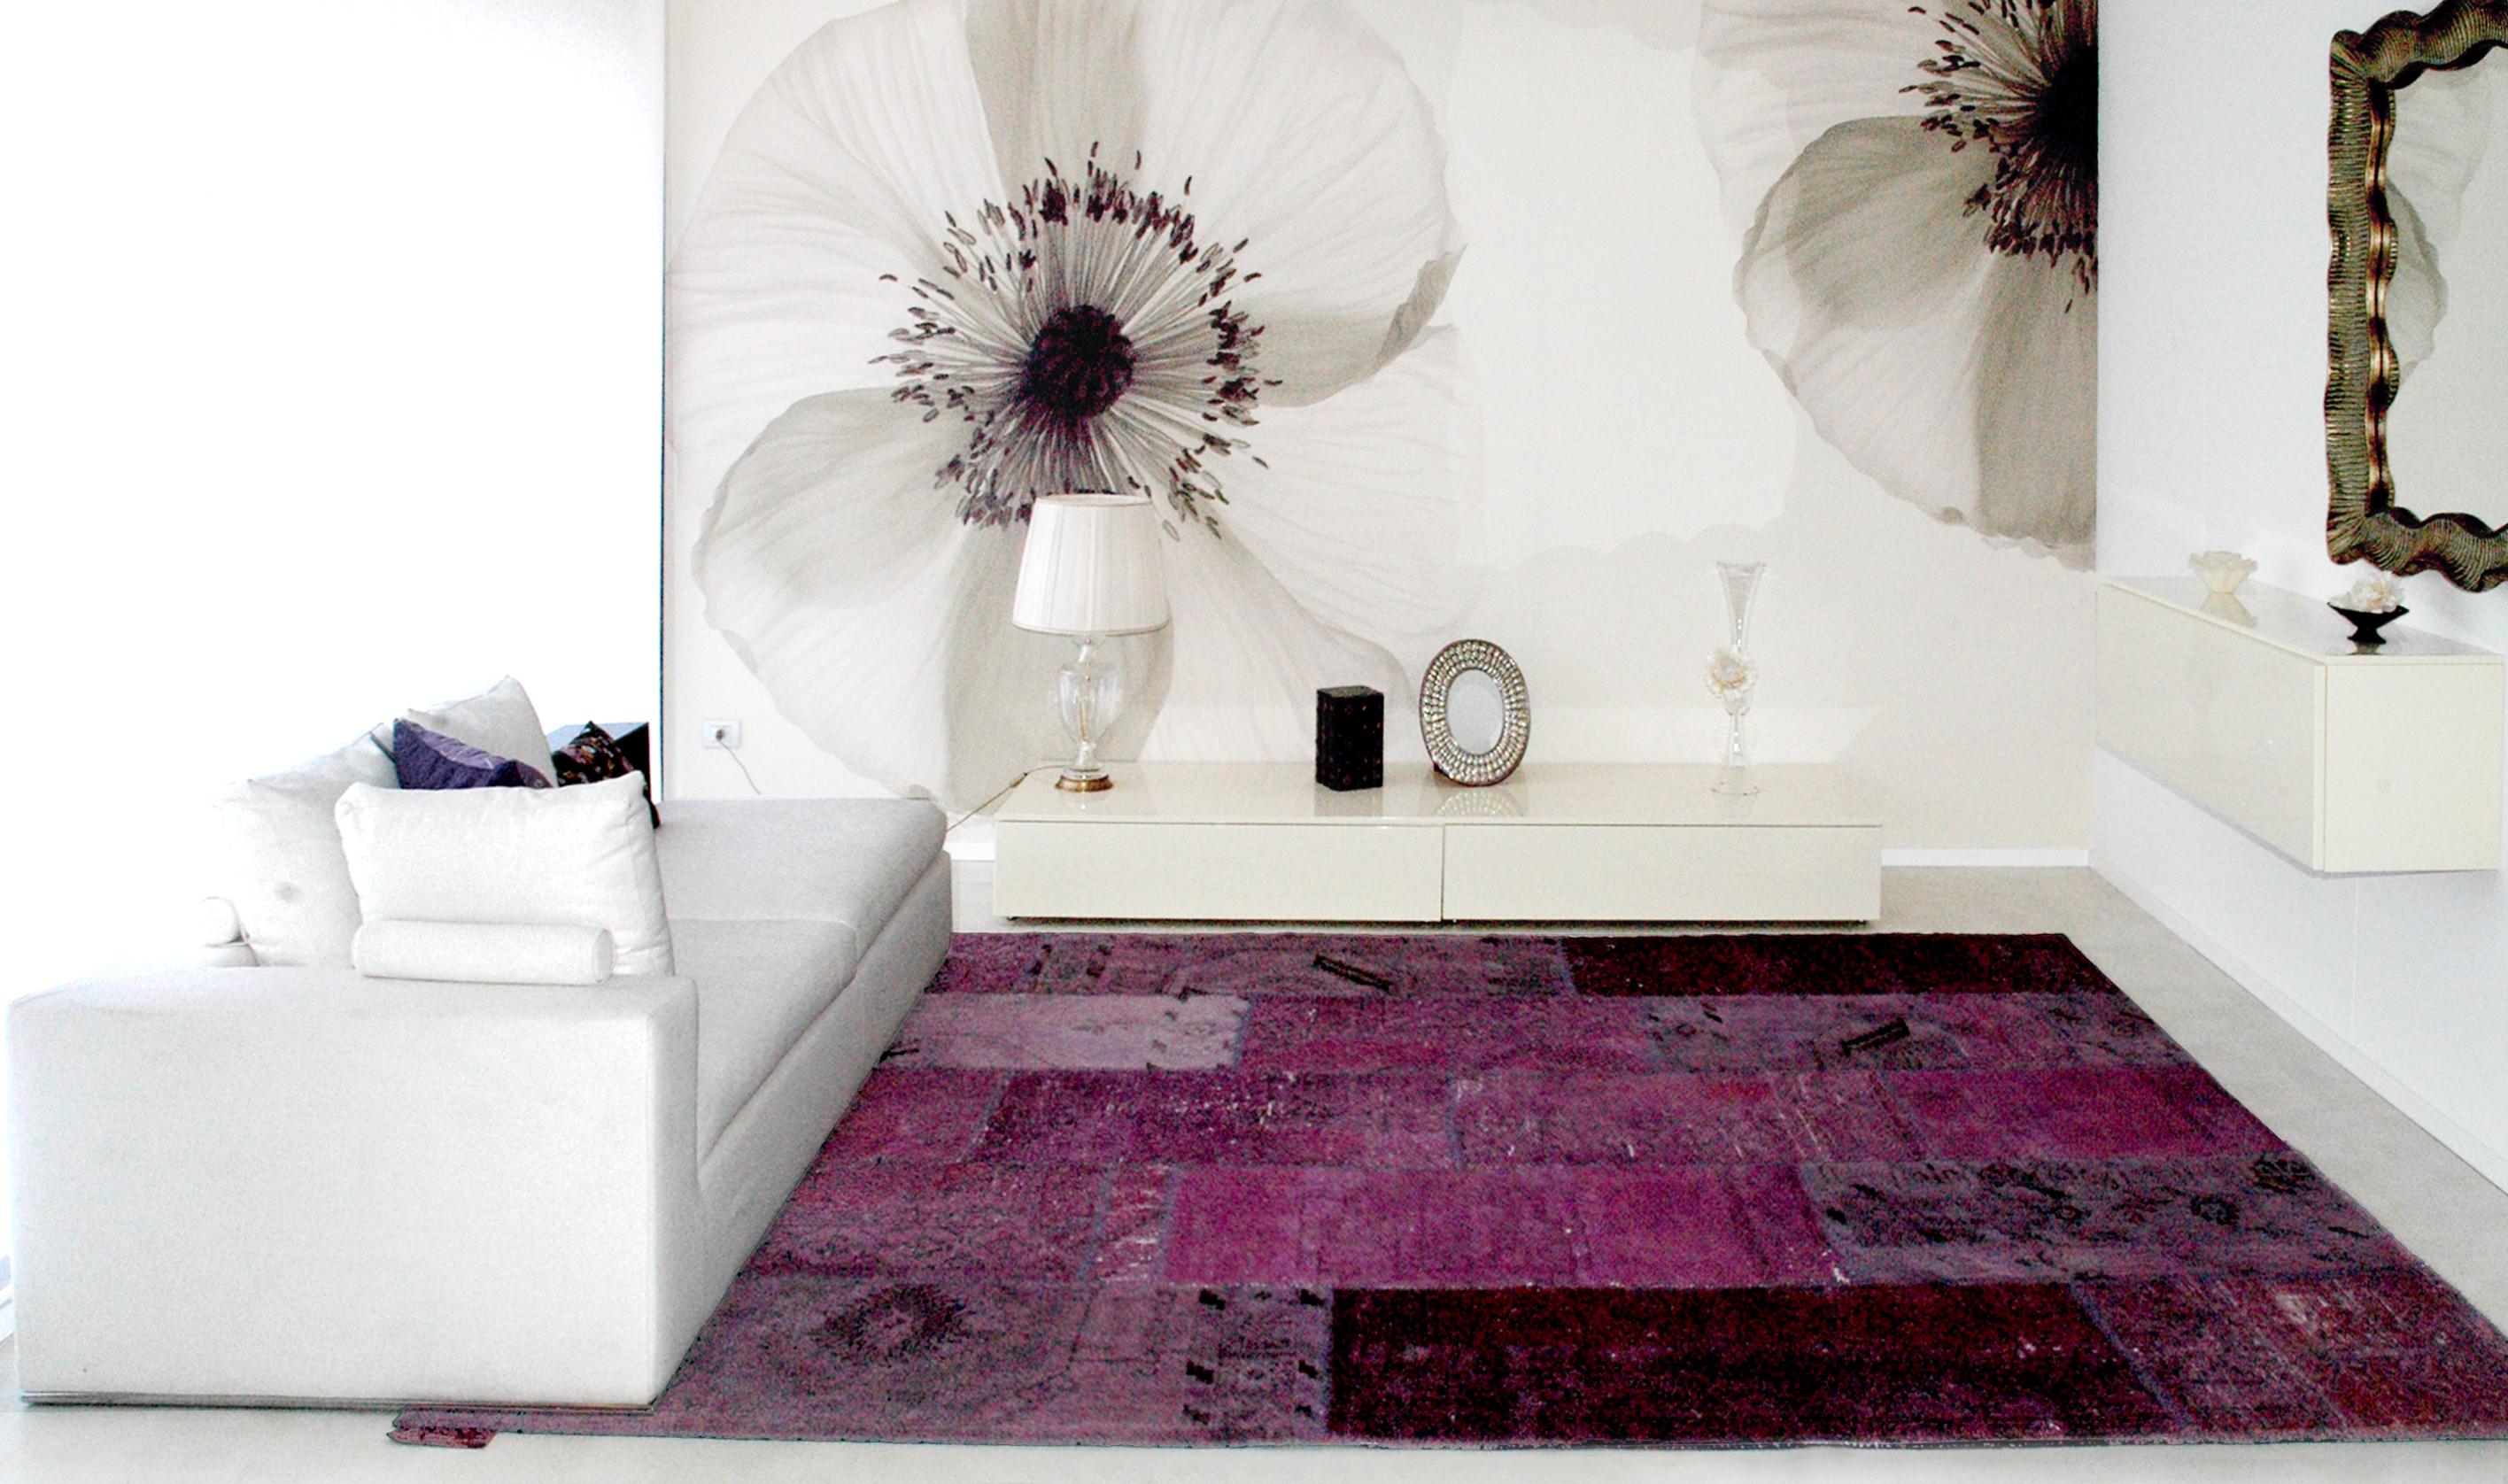 Nuova tendenza dei tappeti patchwork colori acidi il - Sirecom tappeti ...